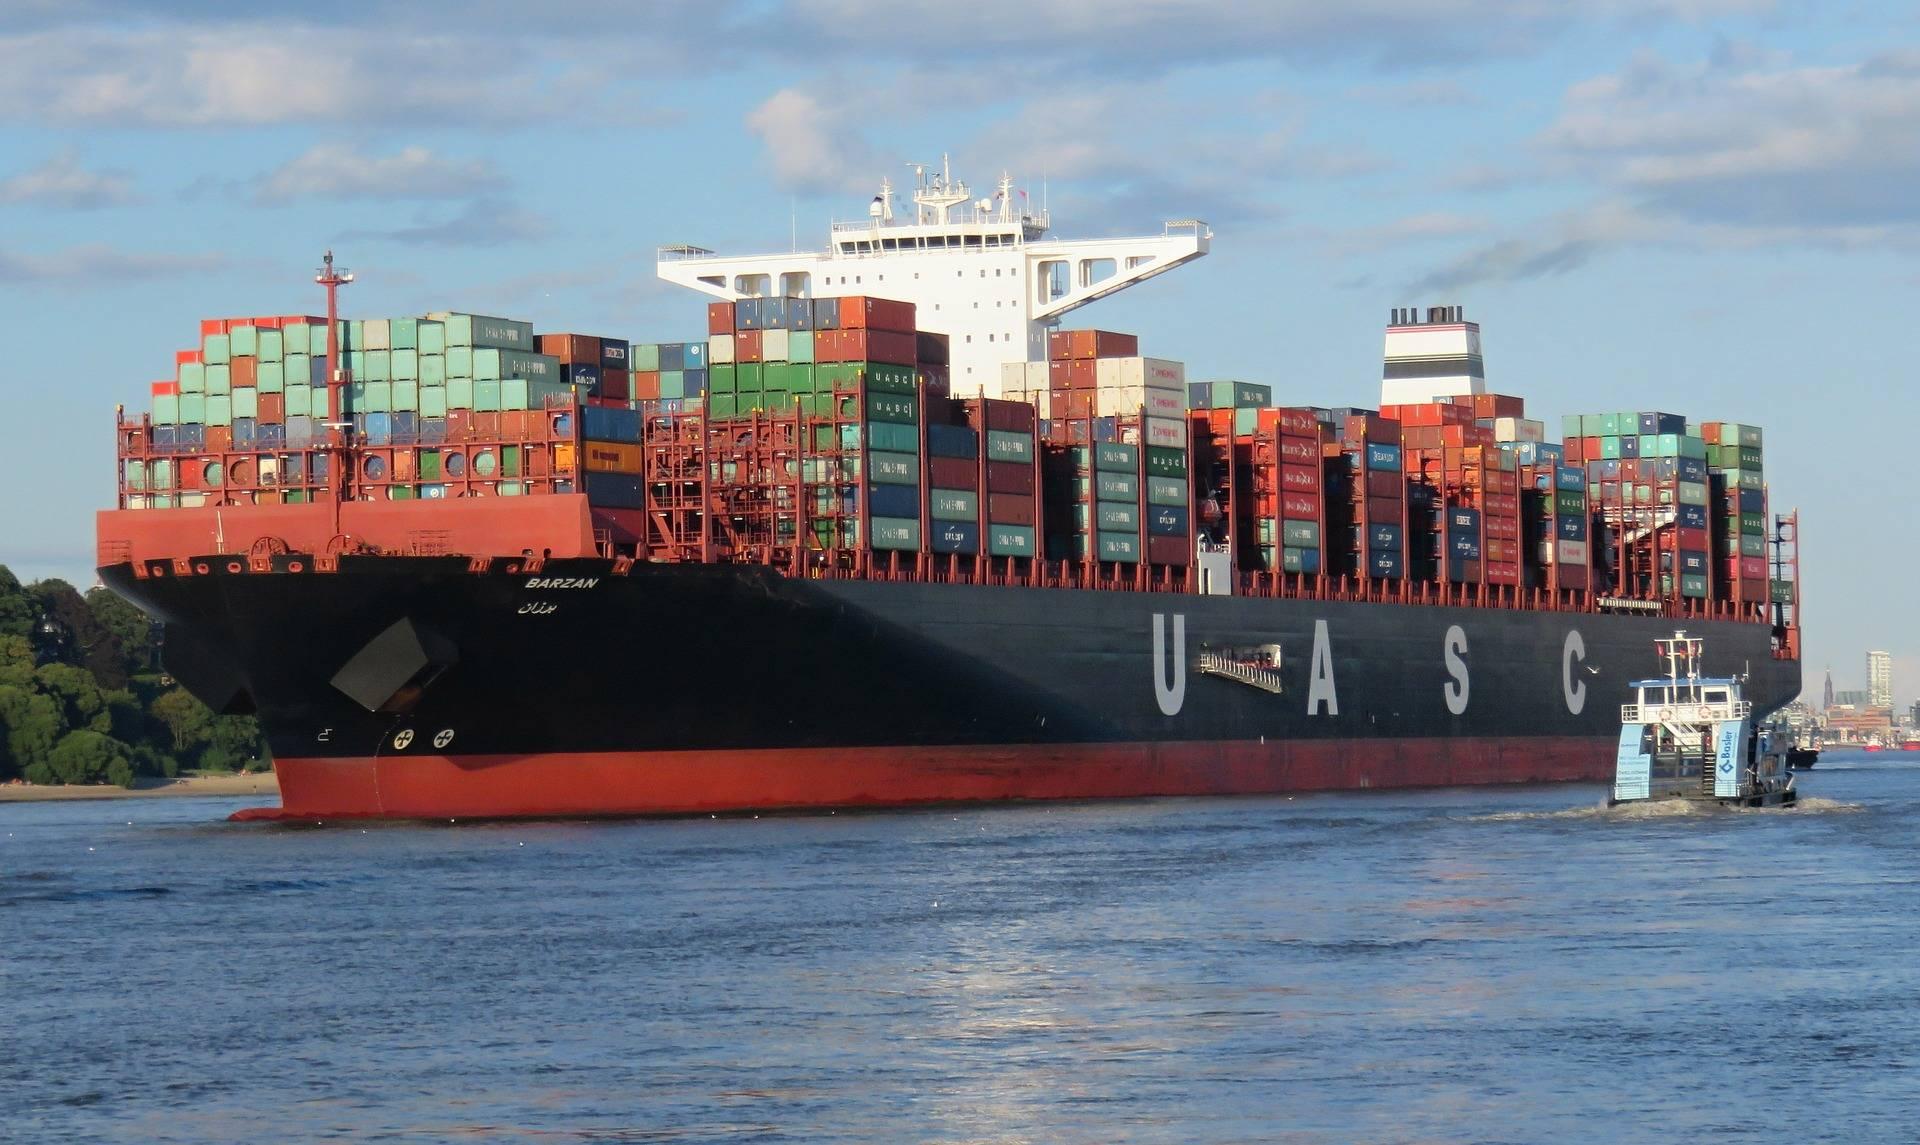 Criza containerelor și problemele din China crează dificultăți transportatorilor. Prețurile ar putea crește